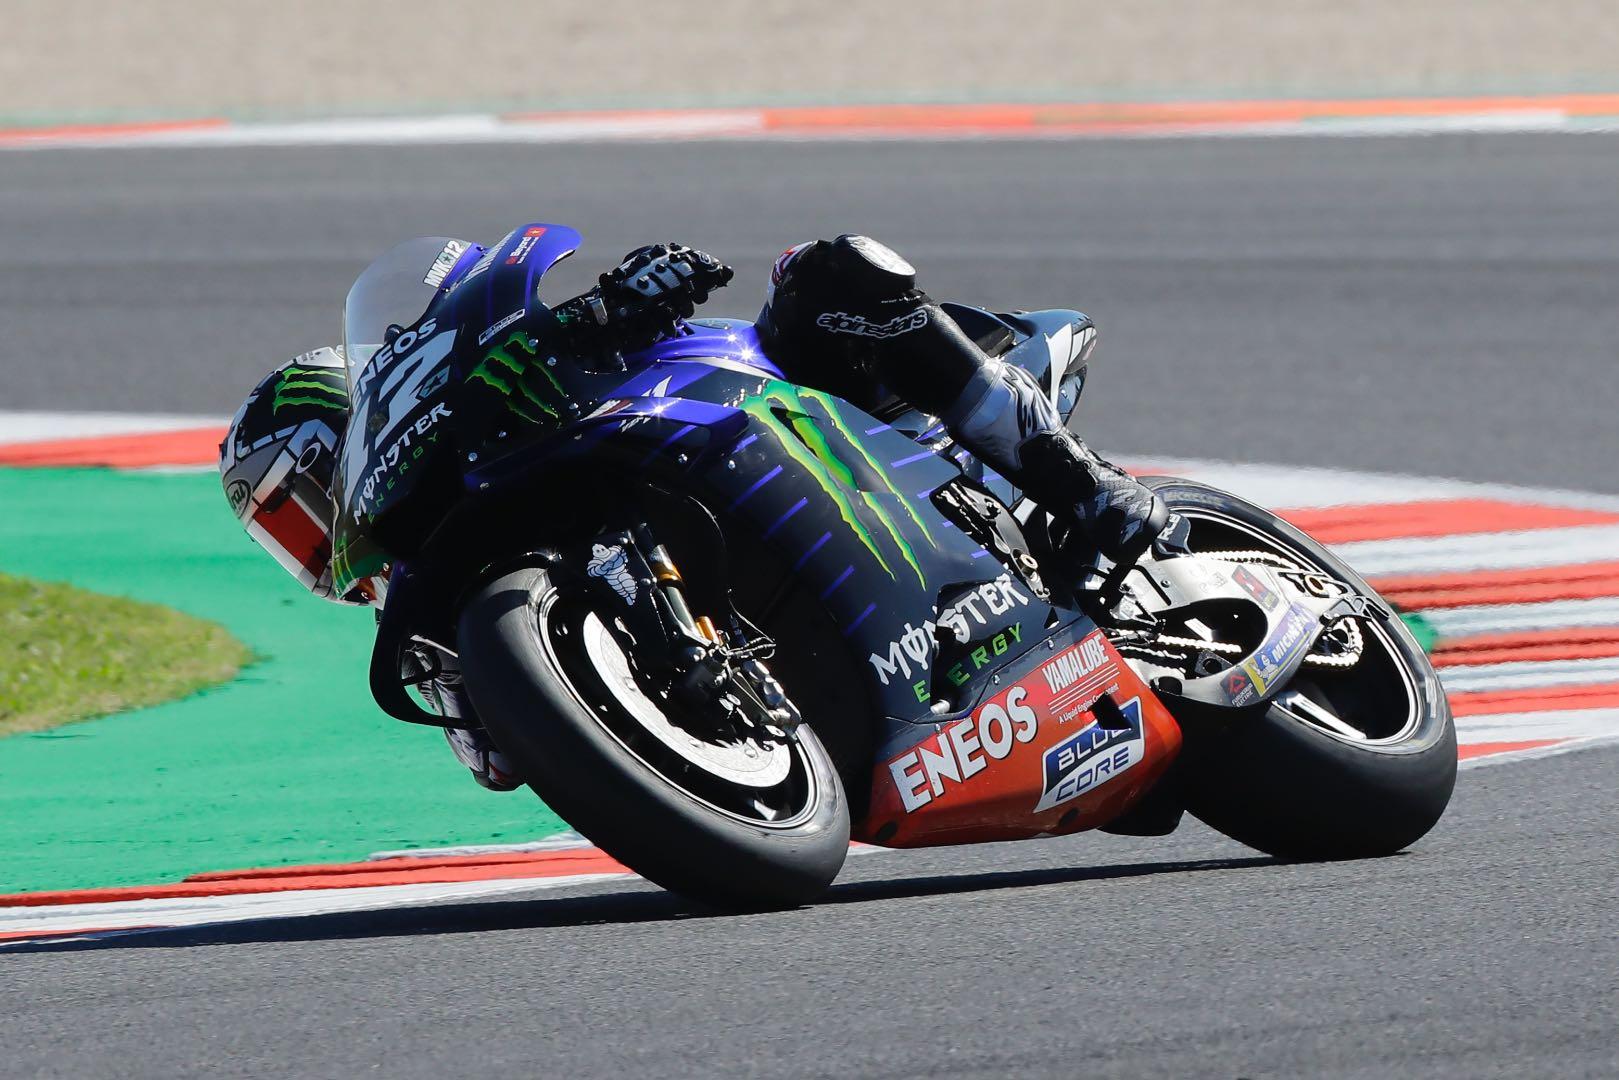 2019 San Marino MotoGP Qualifying - Maverick Vinales